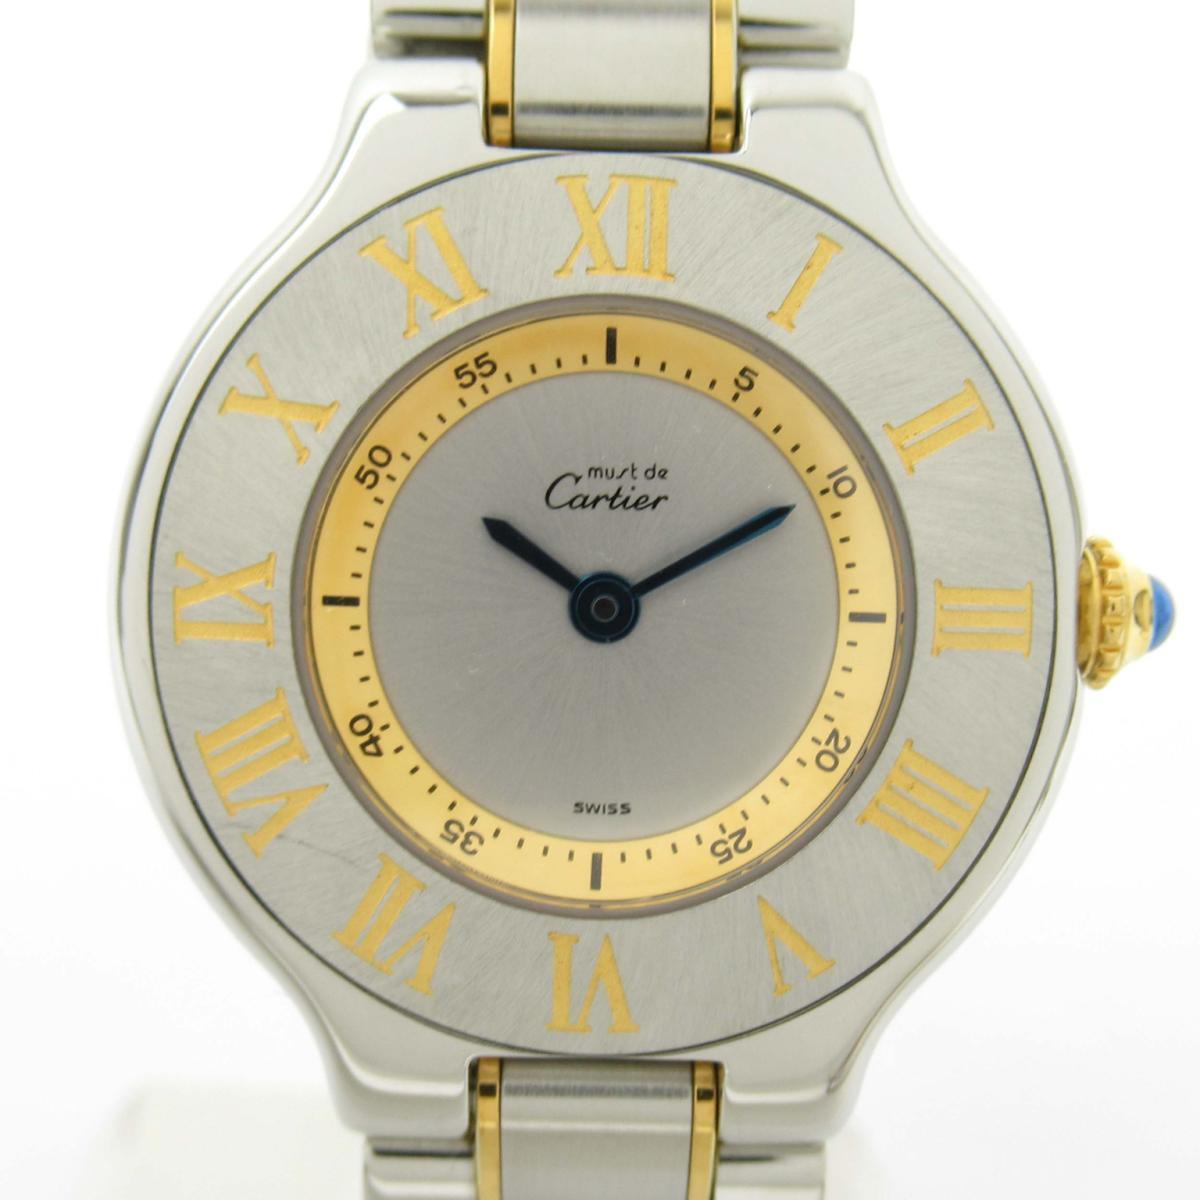 【中古】カルティエ マスト21 ウォッチ 腕時計 レディース 18Kイエローゴールド x ステンレススチール (SS)   Cartier BRANDOFF ブランドオフ ブランド ブランド時計 ブランド腕時計 時計